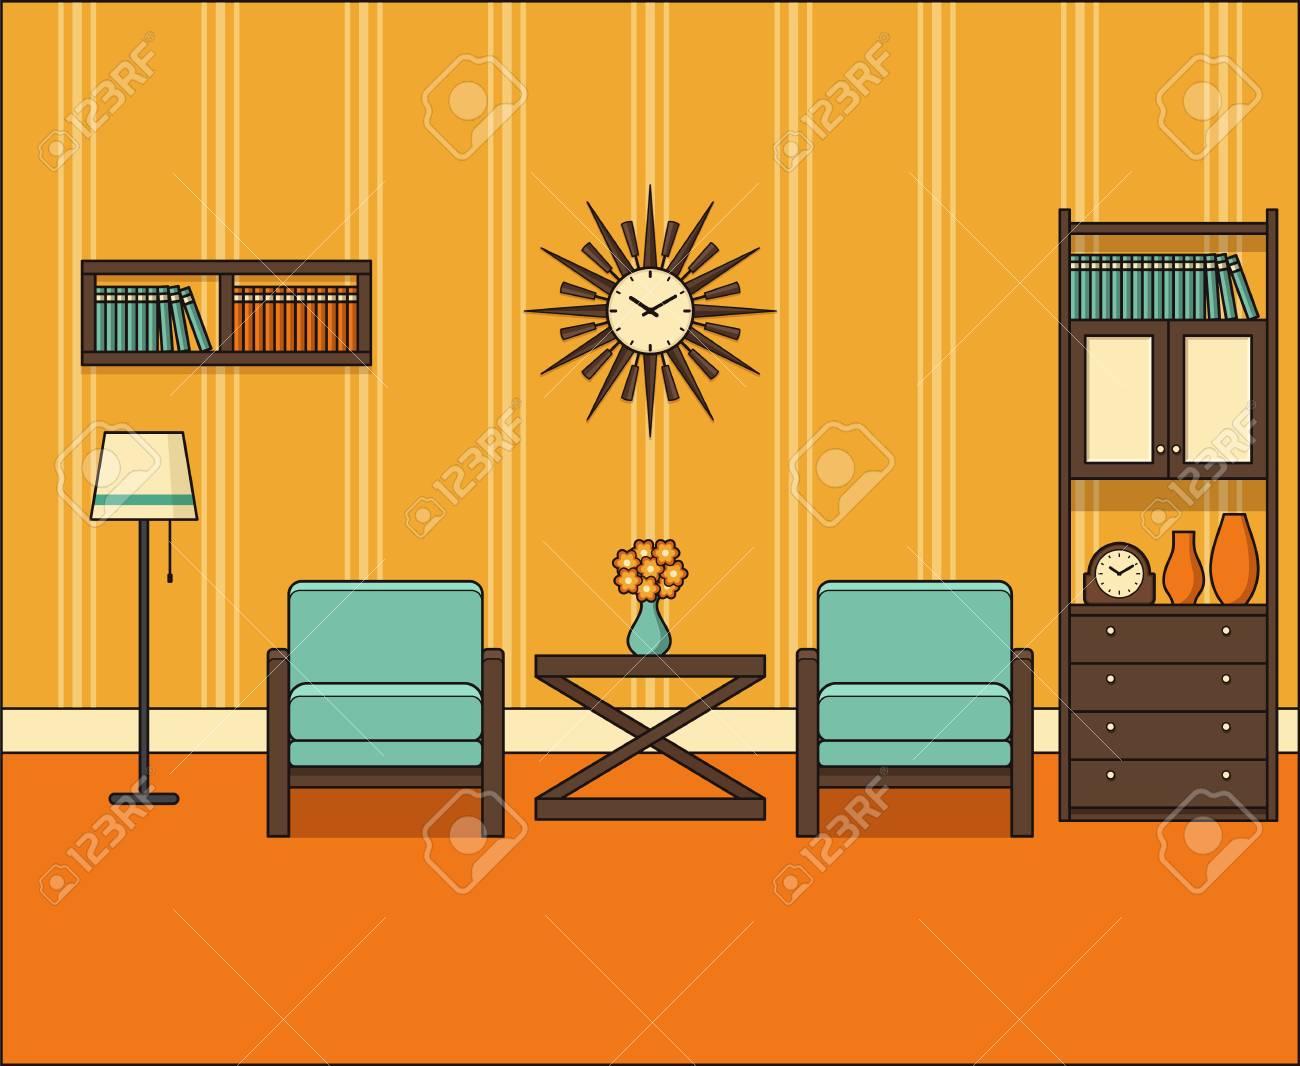 chambre au design plat salon retro des annees 60 en ligne art graphiques vectoriels illustration lineaire thin line espace maison vintage avec des